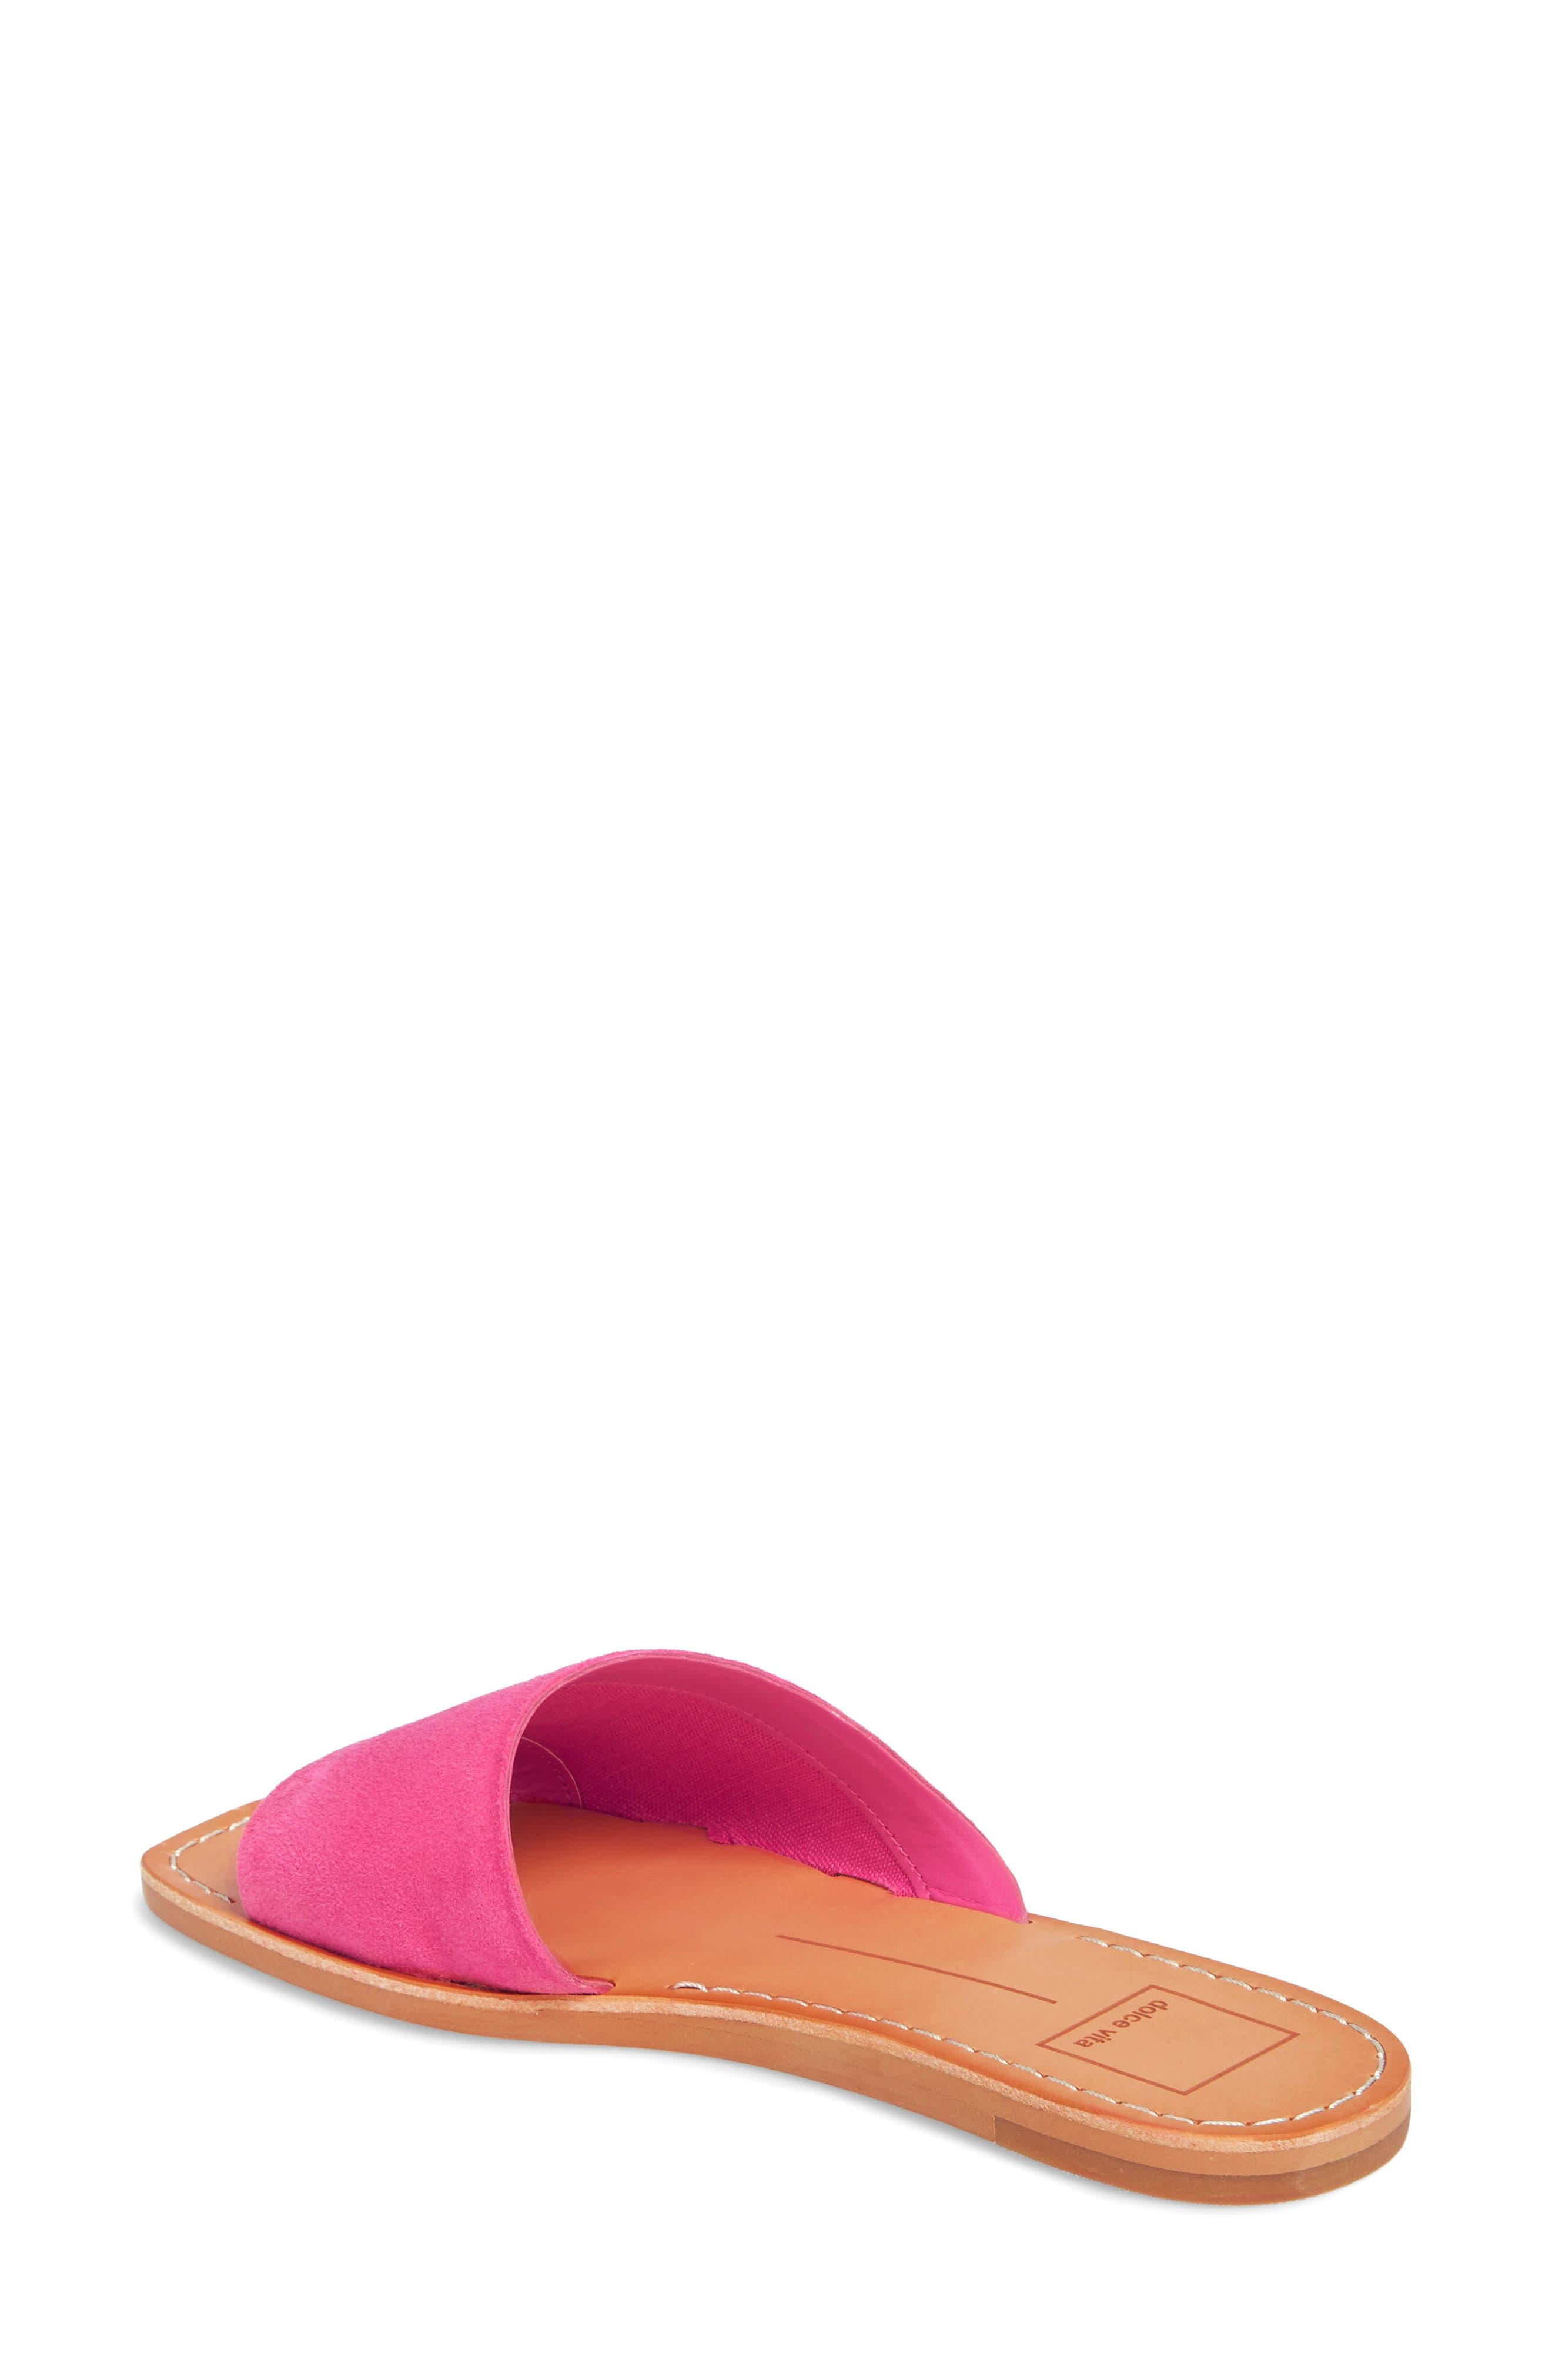 Cato Asymmetrical Slide Sandal,                             Alternate thumbnail 12, color,